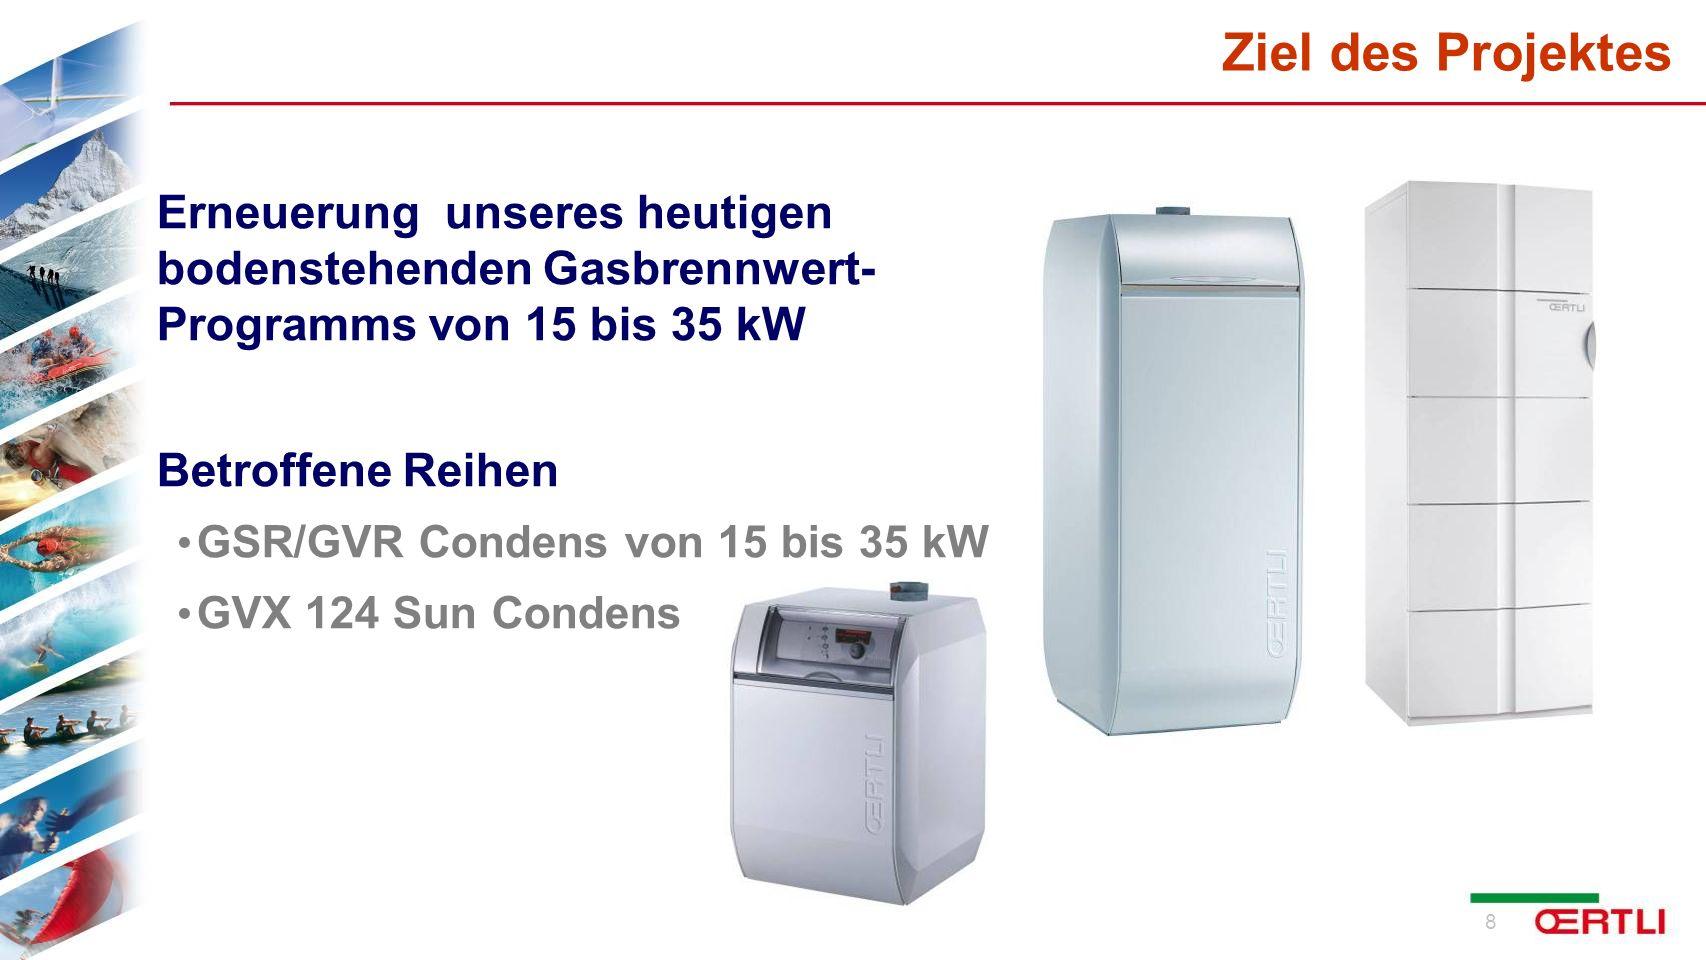 Ziel des Projektes Erneuerung unseres heutigen bodenstehenden Gasbrennwert- Programms von 15 bis 35 kW.